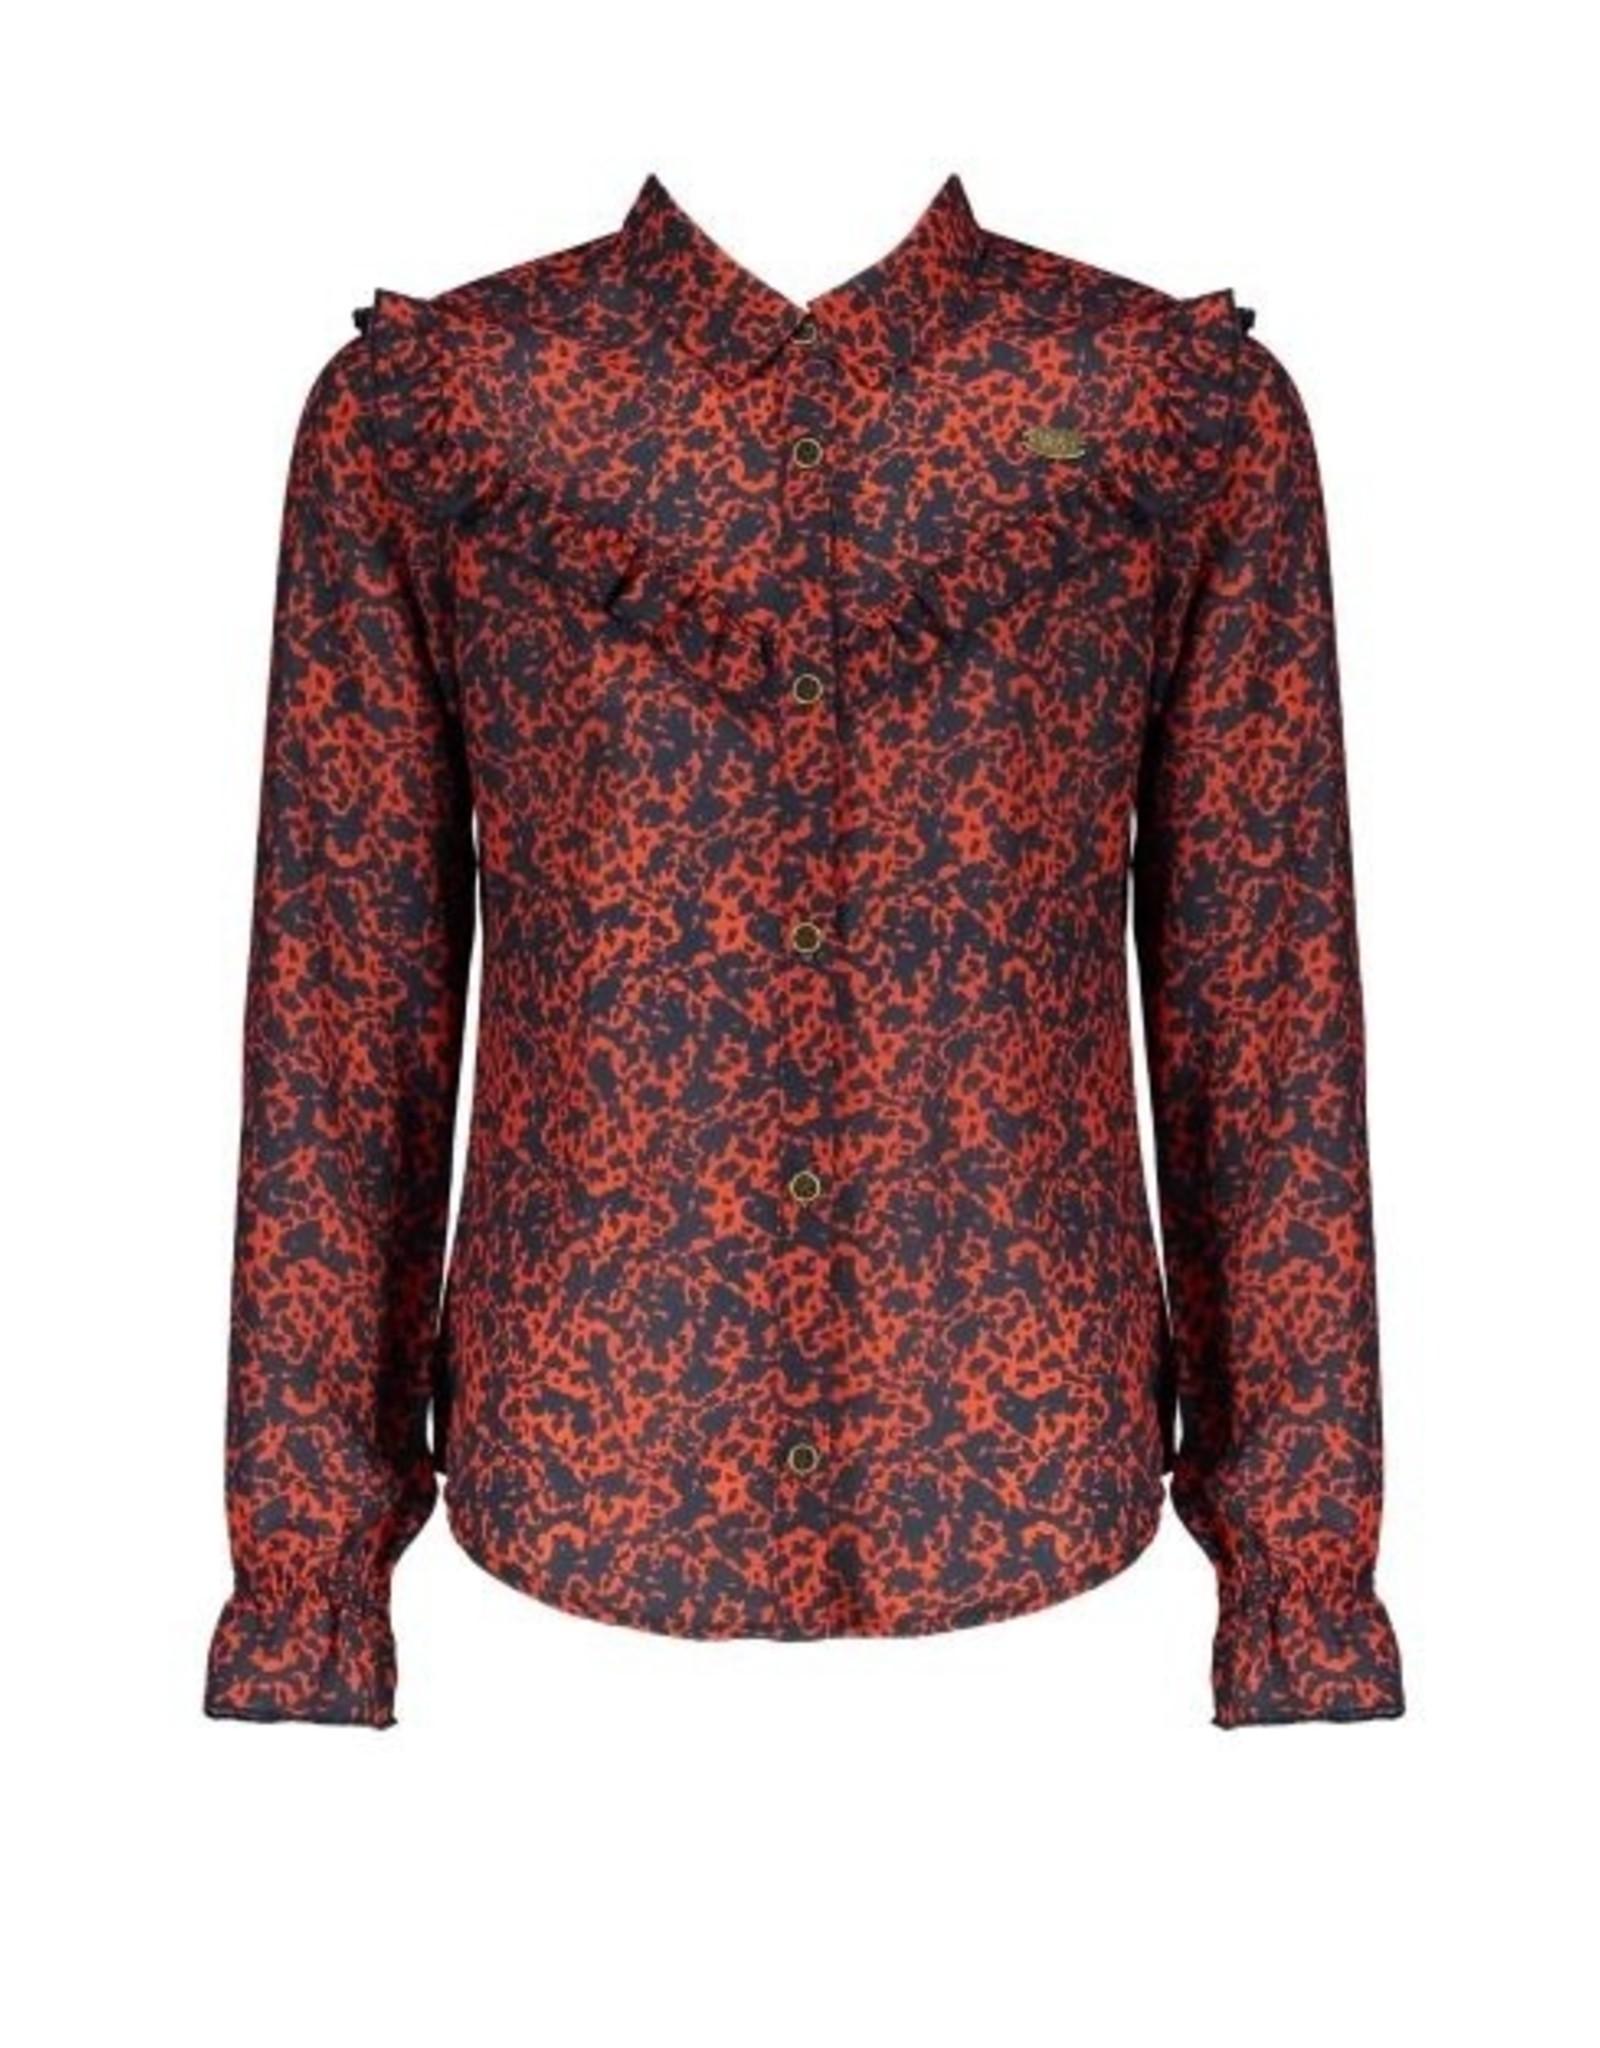 Nobell NoBell blouse 3101  samba